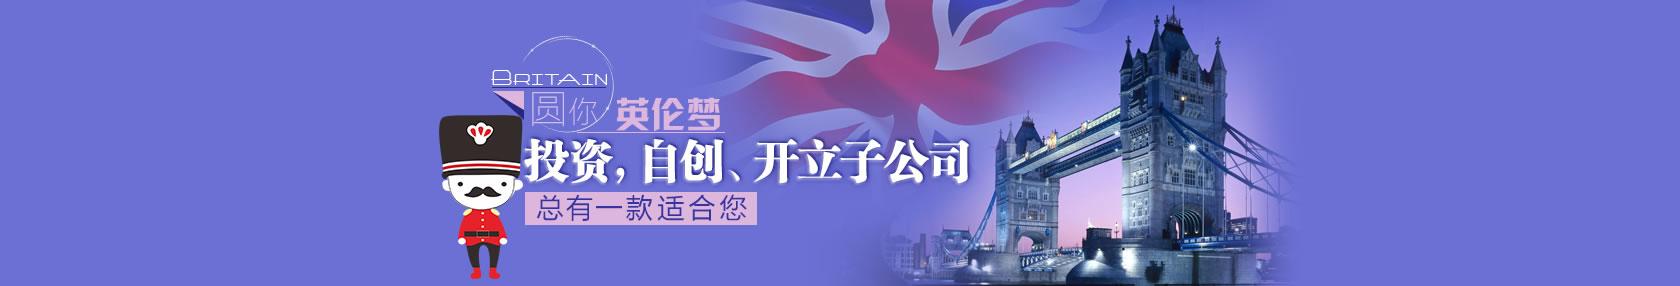 英国投资、英国创业、英国开设子公司,环球移民助您圆英伦梦